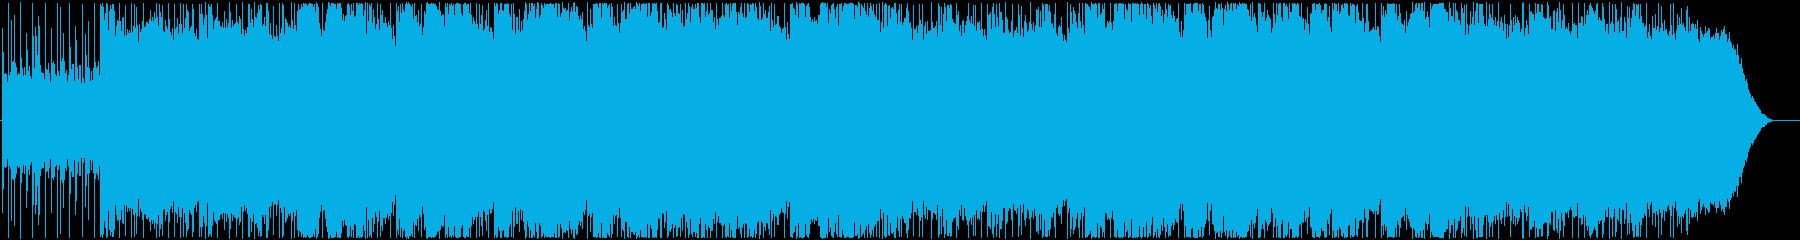 暗闇にひっそり流れるメロディーの再生済みの波形